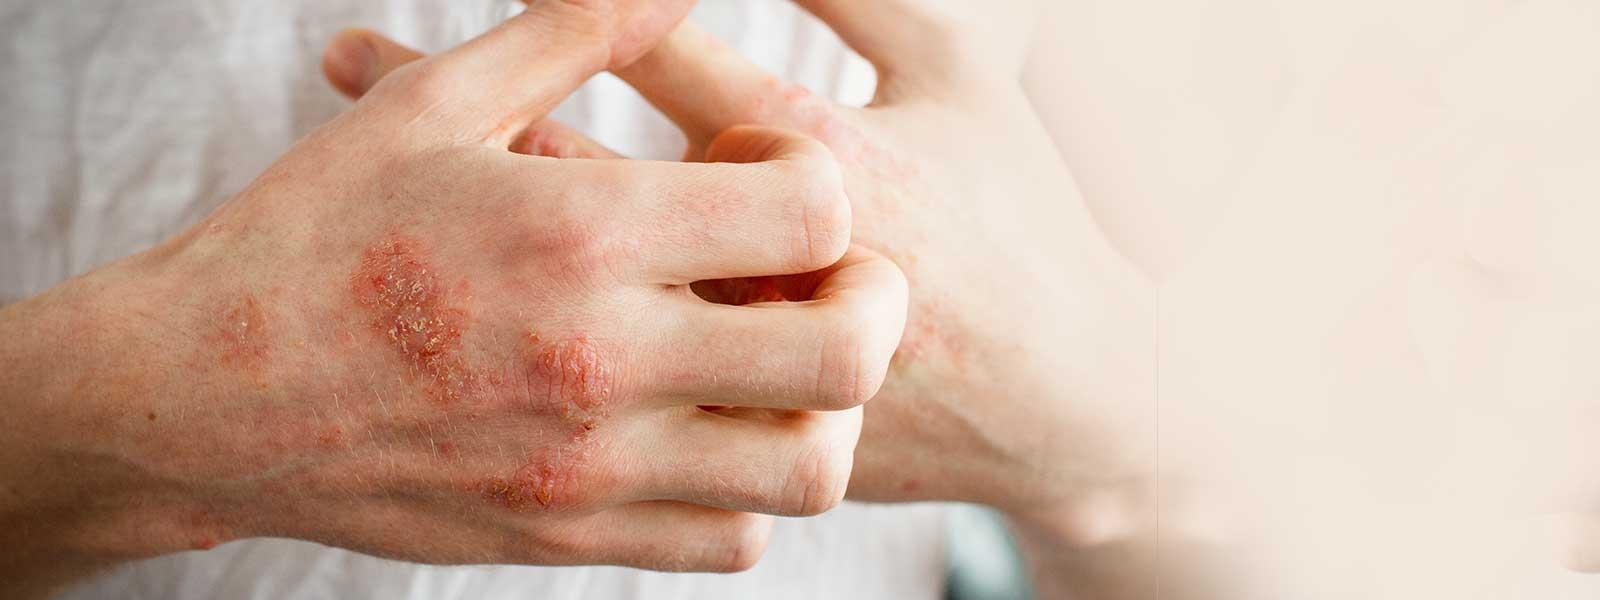 eczema relief banner